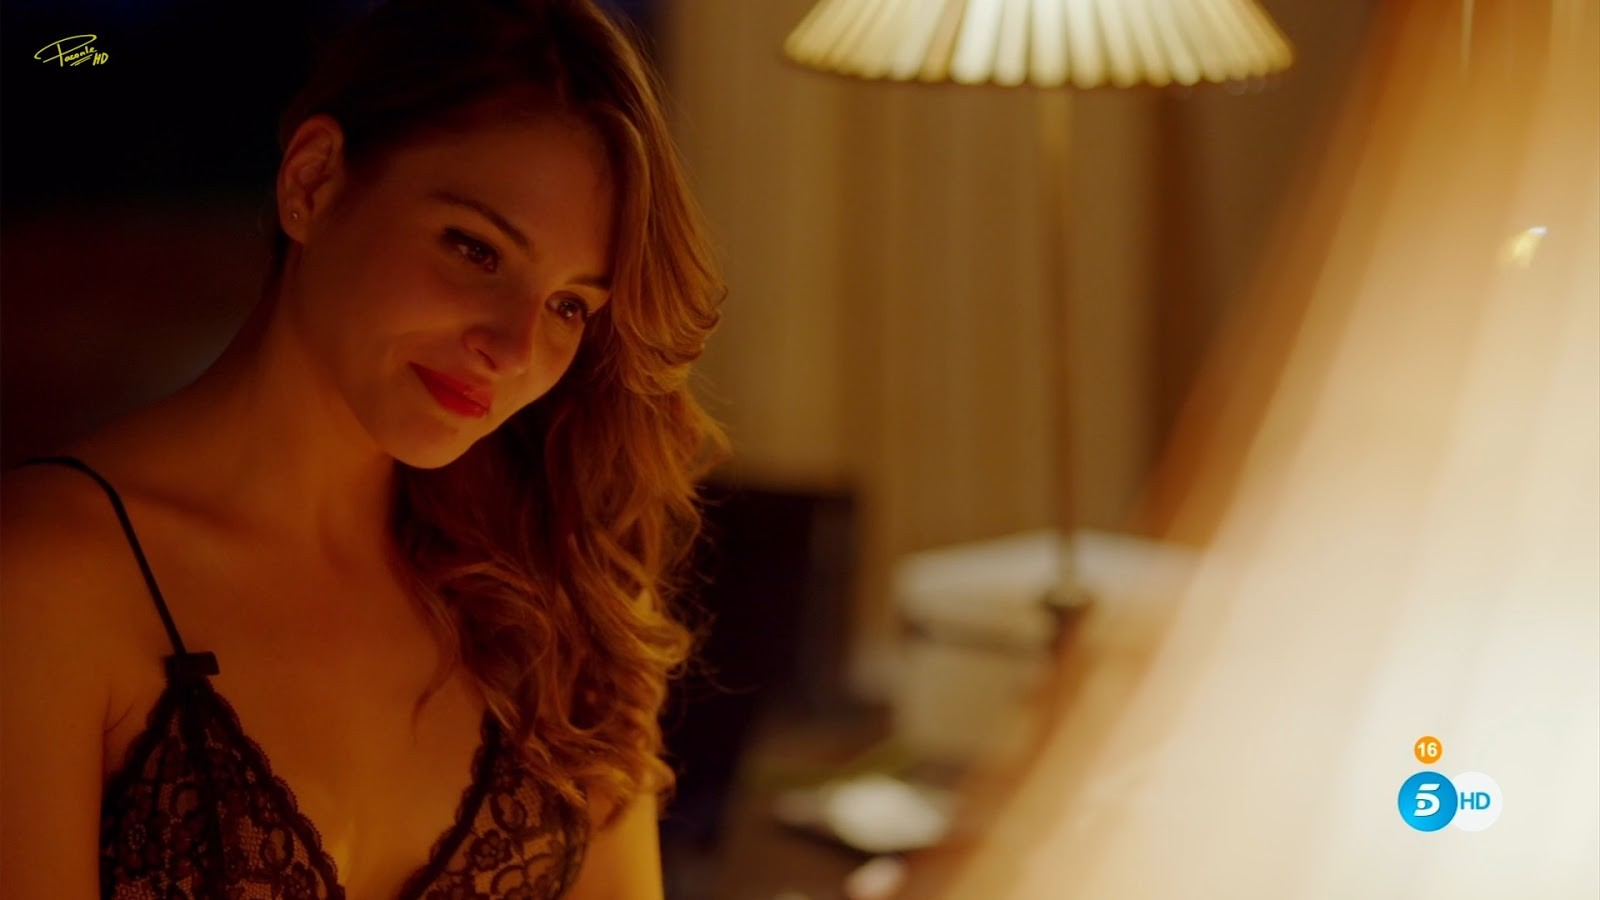 Andrea Duro desnuda porno